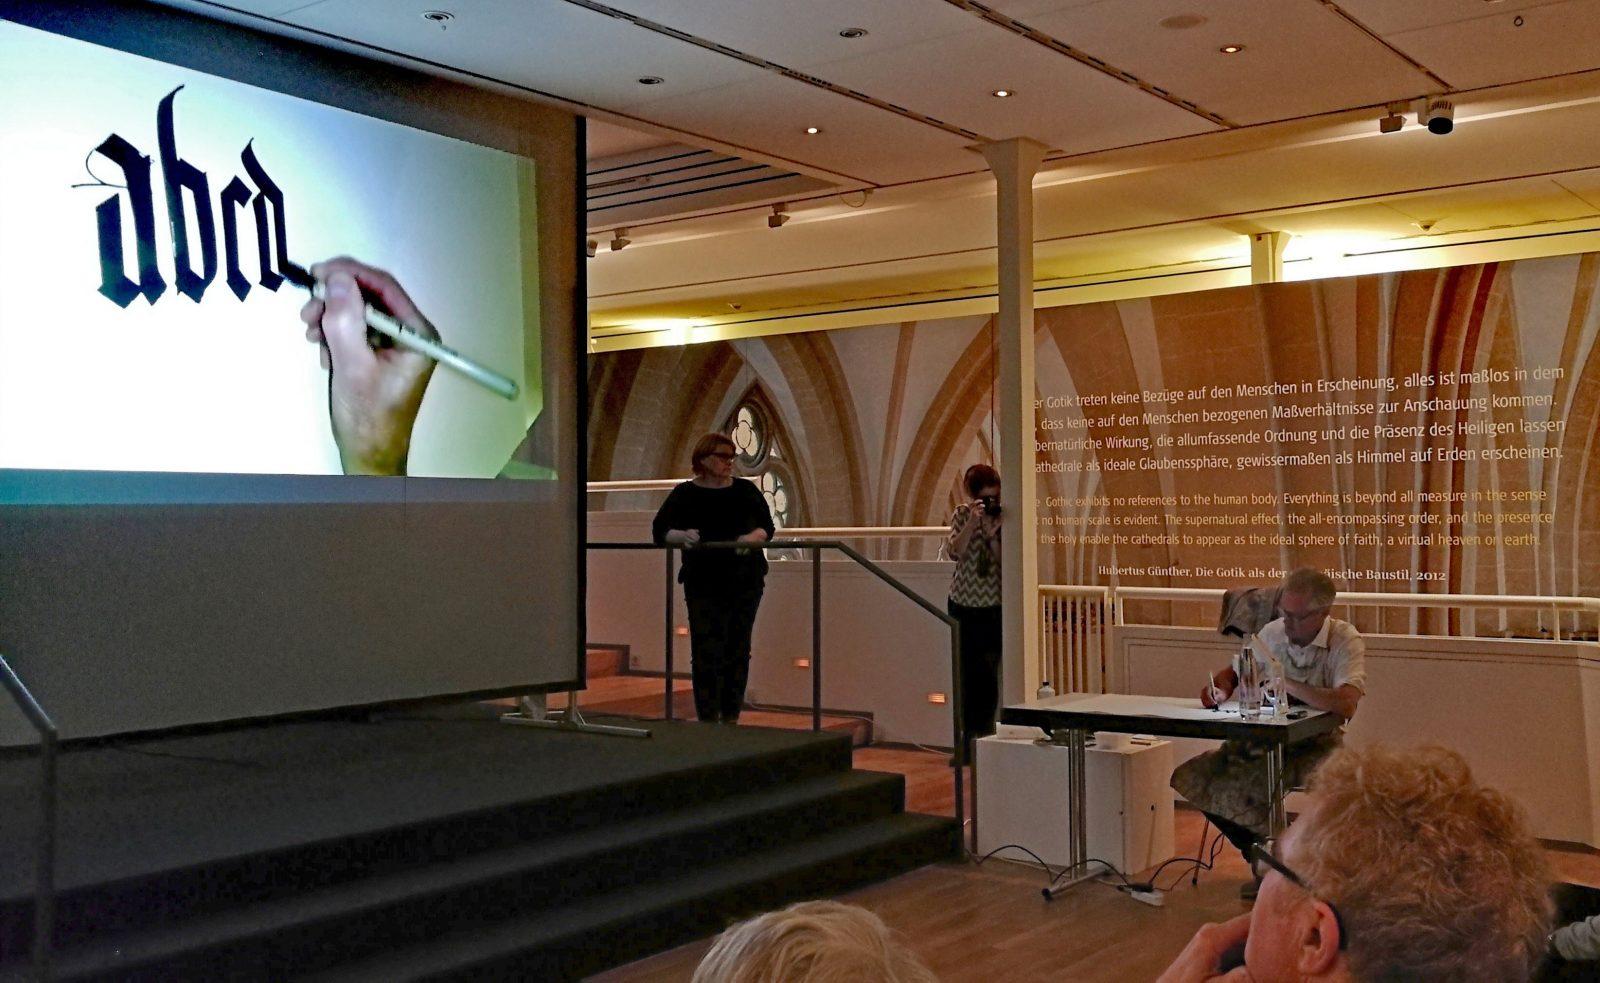 Brody Neuenschwander bei einer Veranstaltung im Diözesanmuseum, Dezember 2019